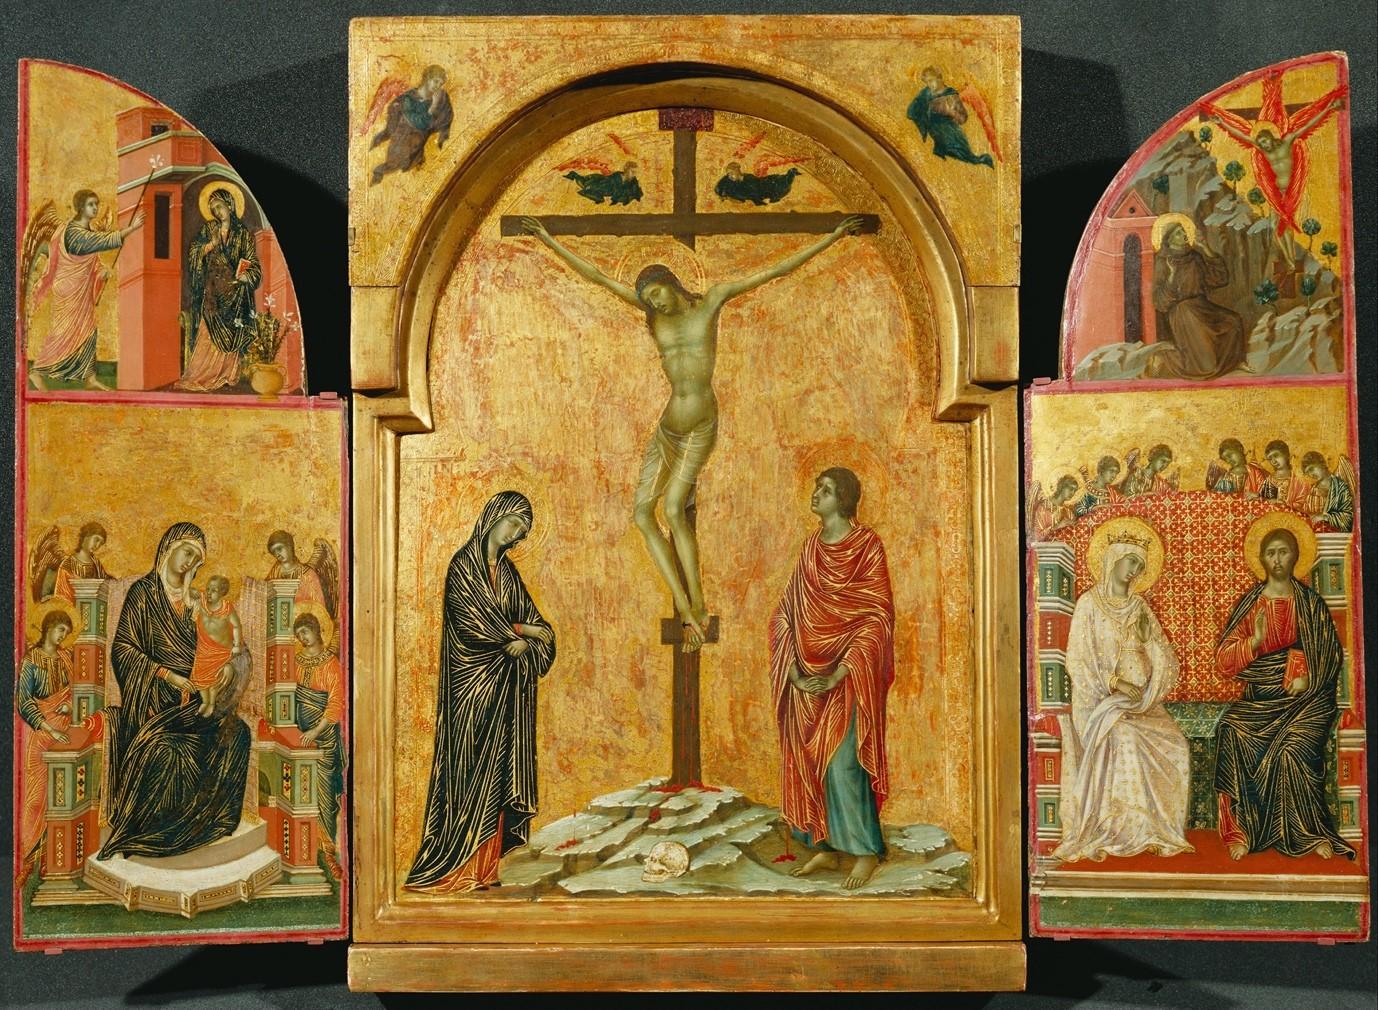 Duccio di Buoninsegna, Crucifixion Triptych, c. 1302-08, tempera and gold on panel, Hampton Court Palace, London.